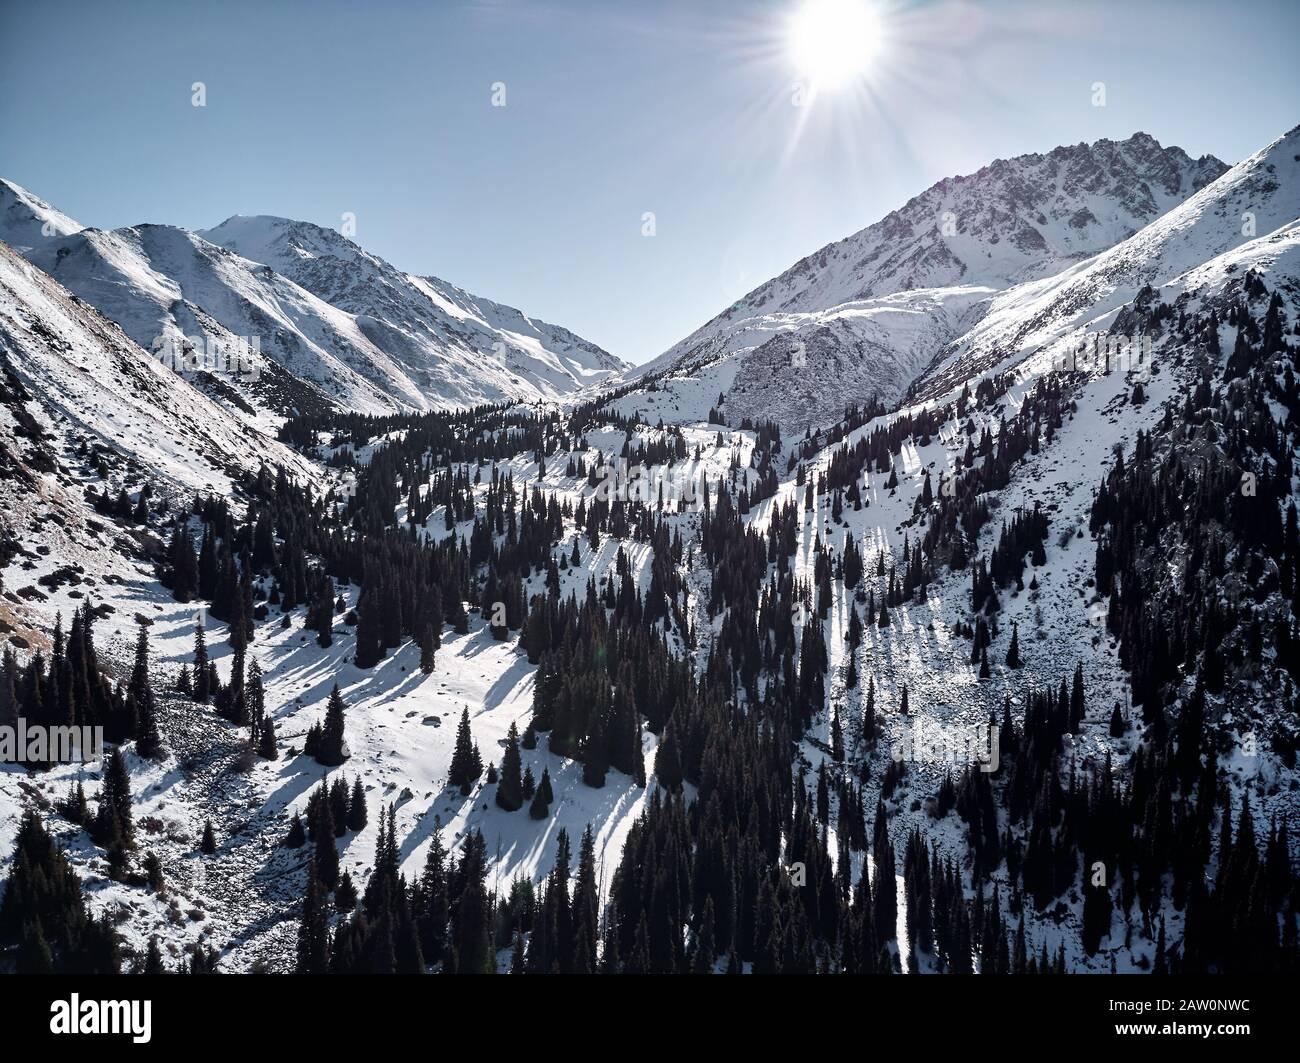 Vista aérea del paisaje de montaña de invierno en el soleado día en el desfiladero de Almarasan en Almaty, Kazajstán. Foto de stock